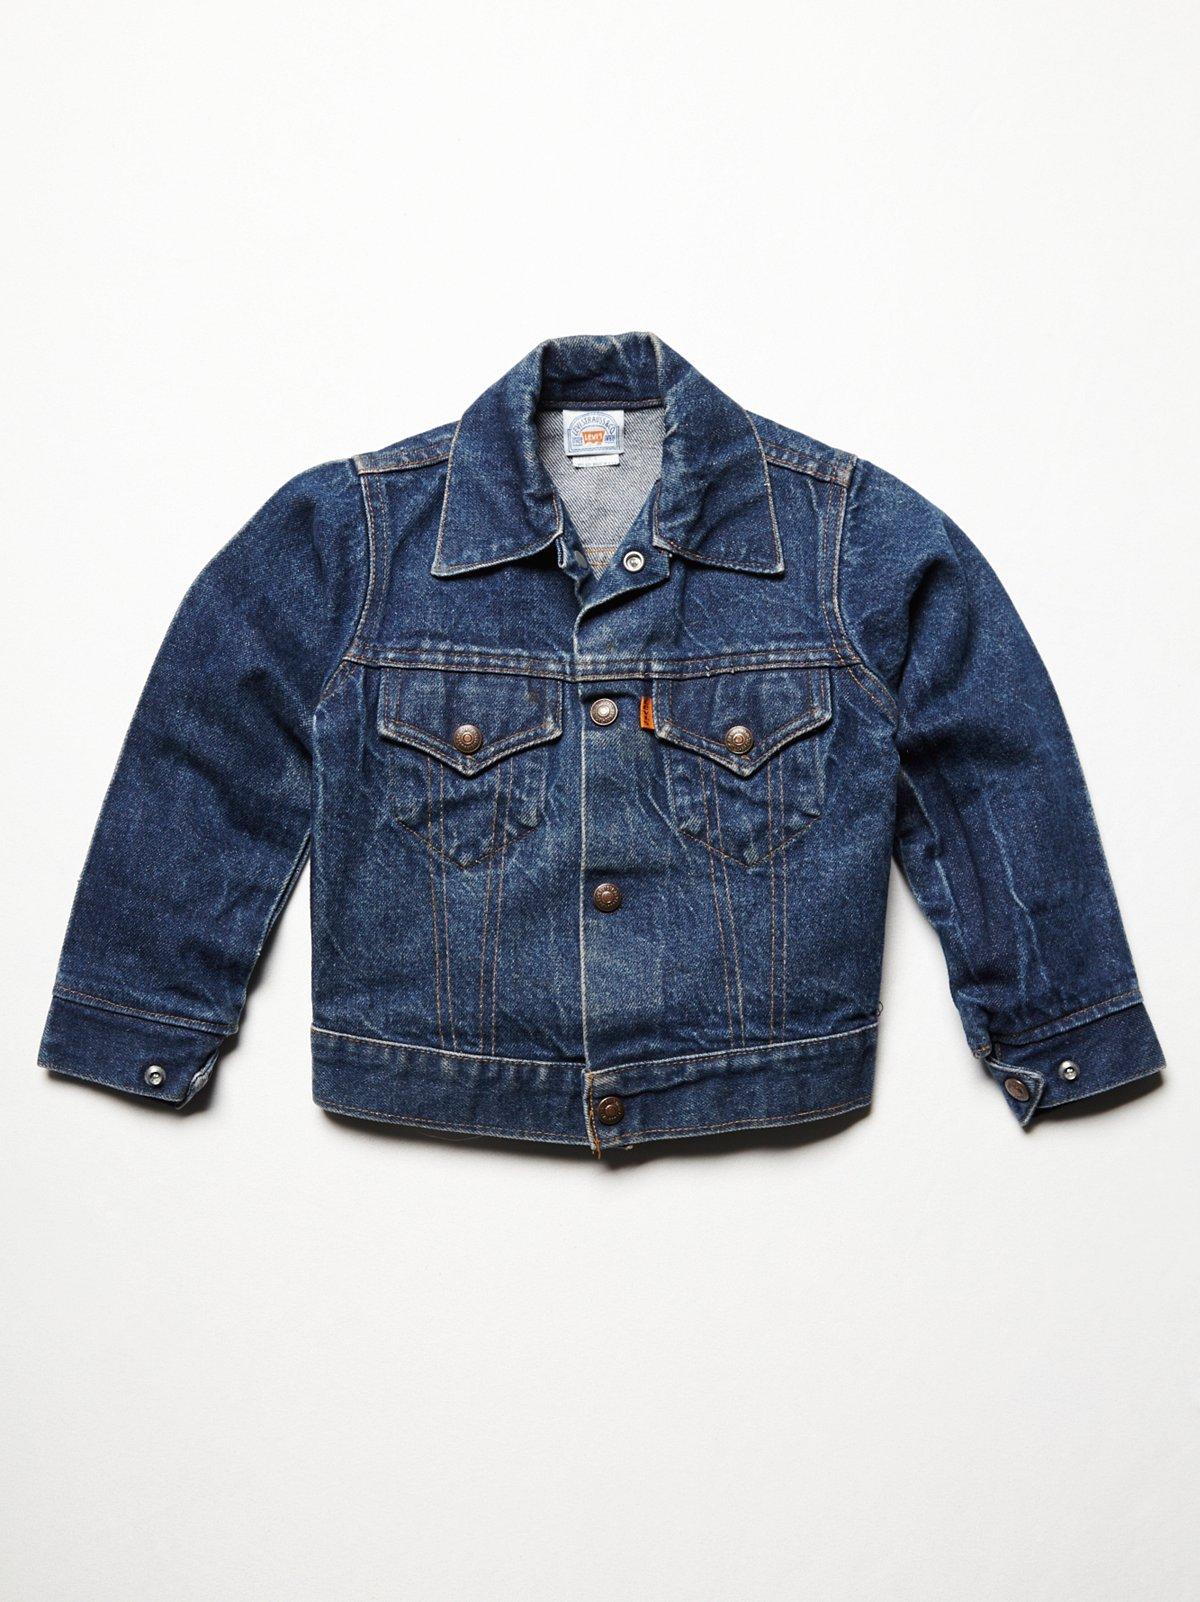 Vintage Kids Denim Jacket